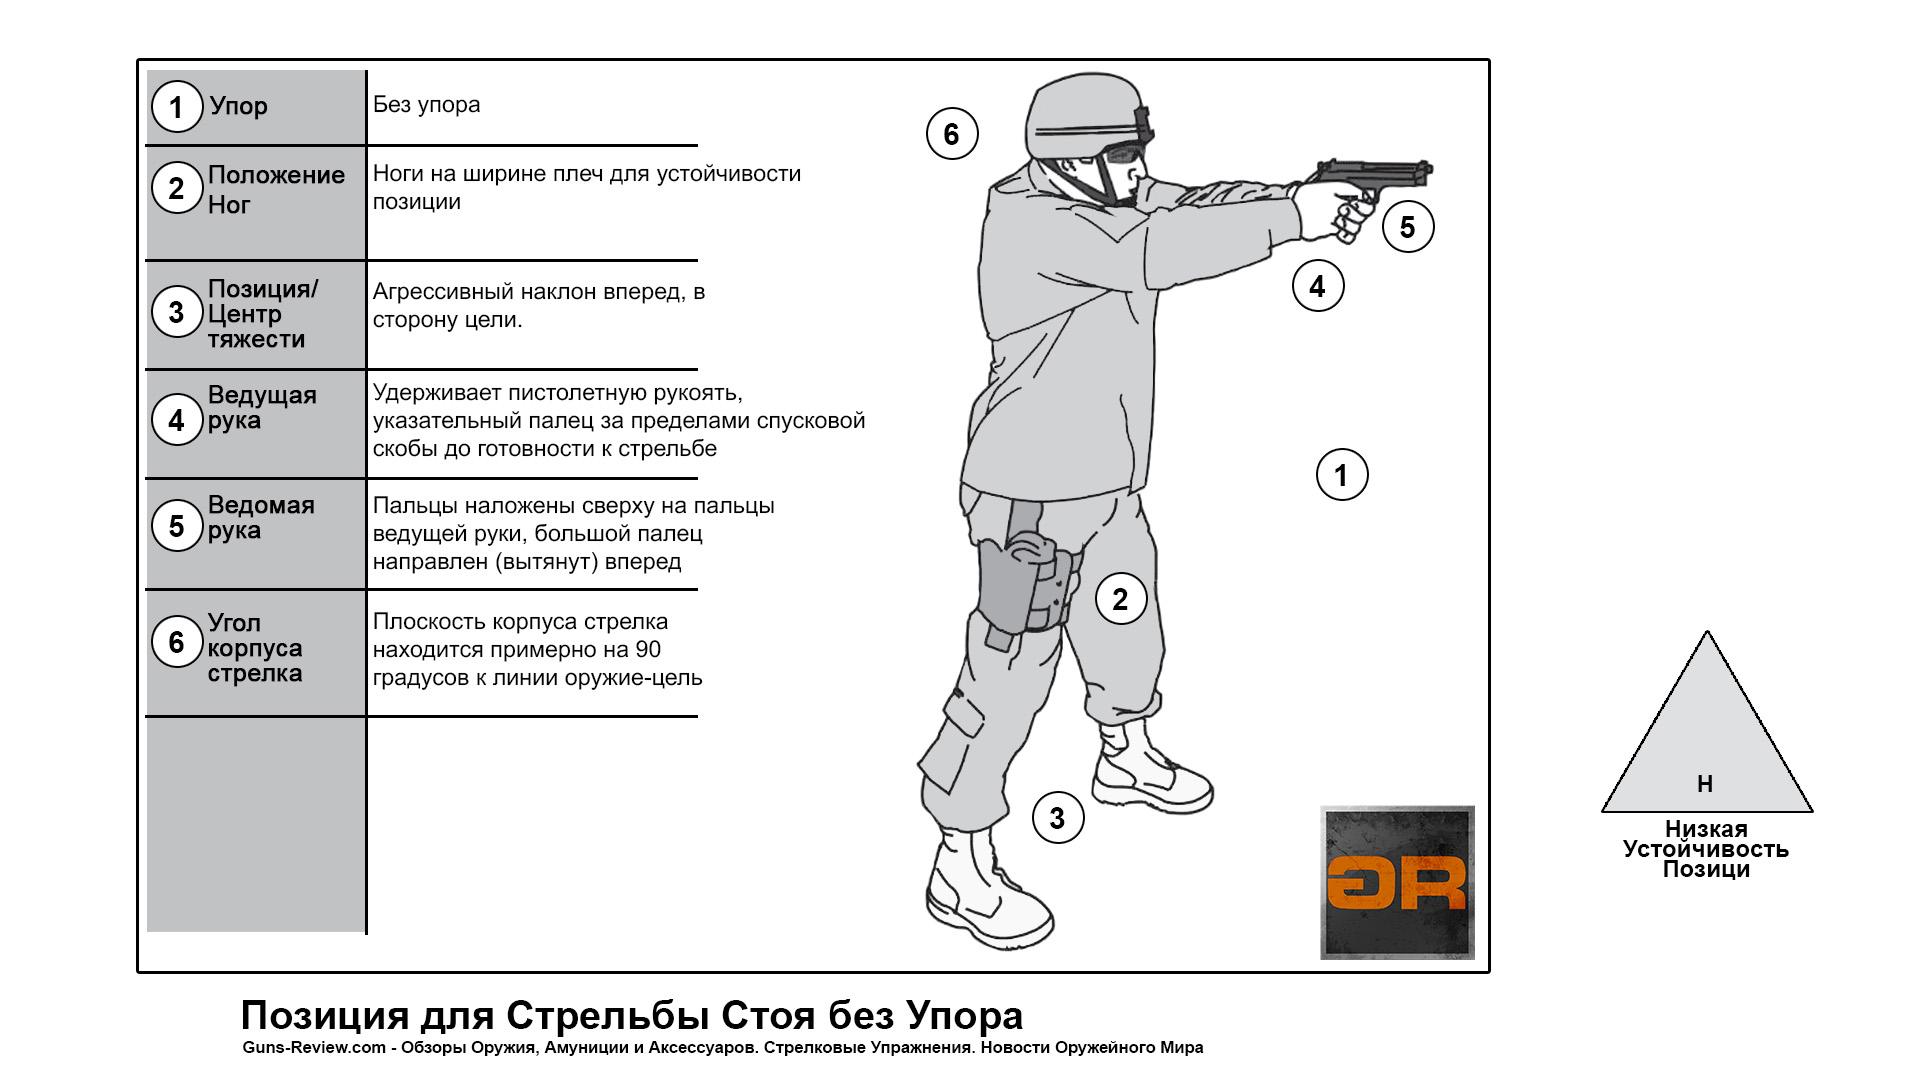 Схема и Описание позиции для стрельбы из пистолета стоя / US ARMY Pistol, 2017. Перевод и адаптация Guns-Review.com